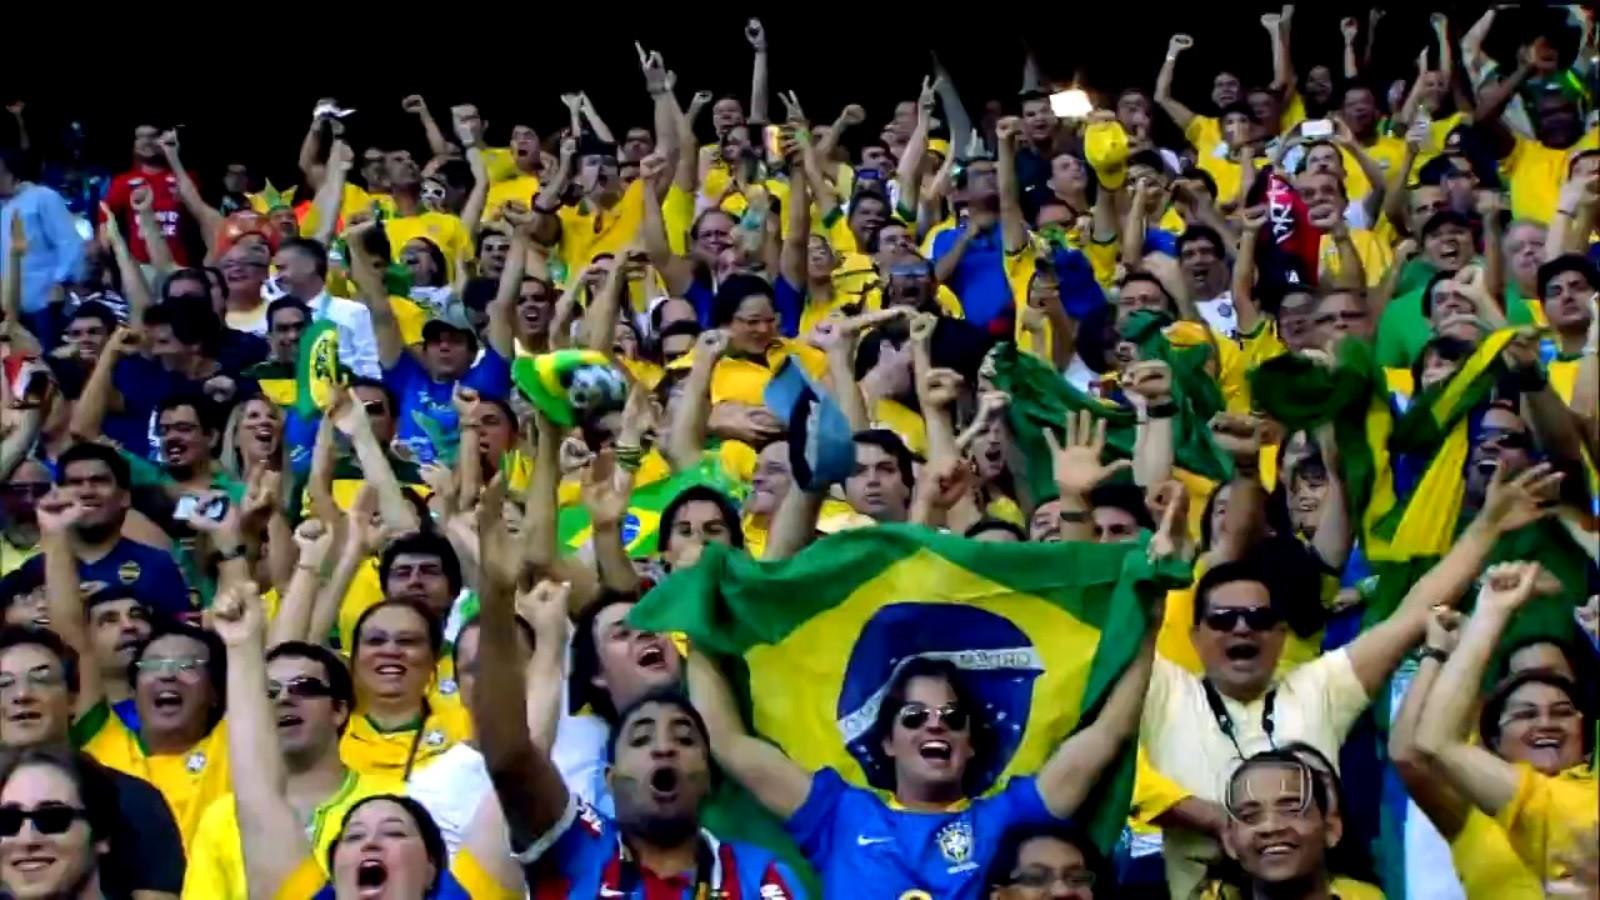 Torcida brasileira na Copa do Mundo (Foto: Divulgação)